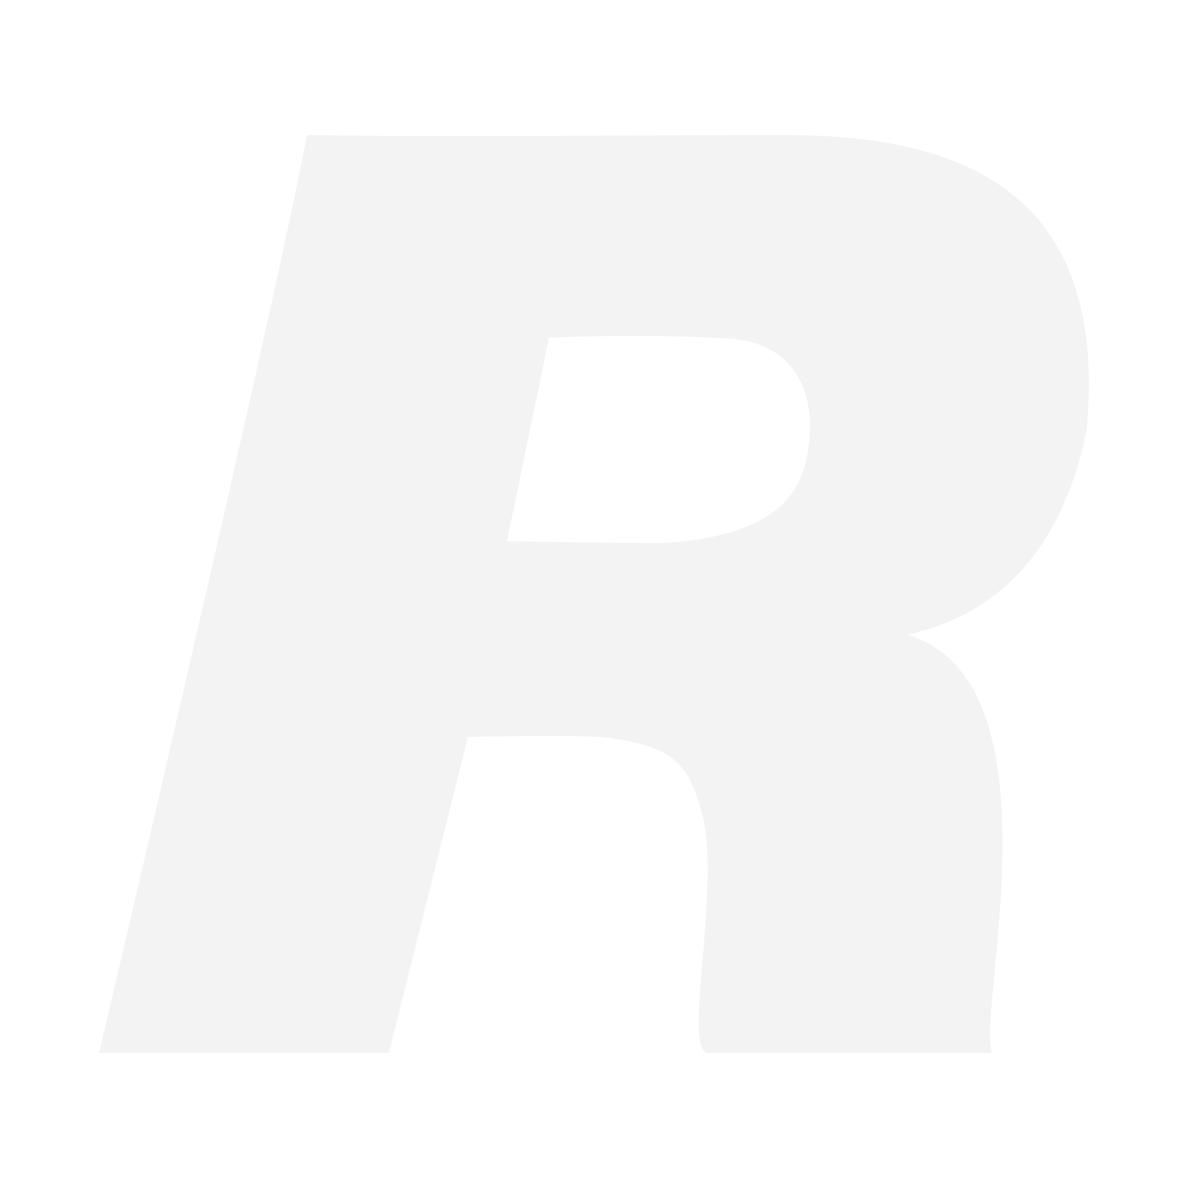 Osta Sony A7R Mark III -järjestelmäkamera, anna vaihdossa Canon EOS 5D Mark III